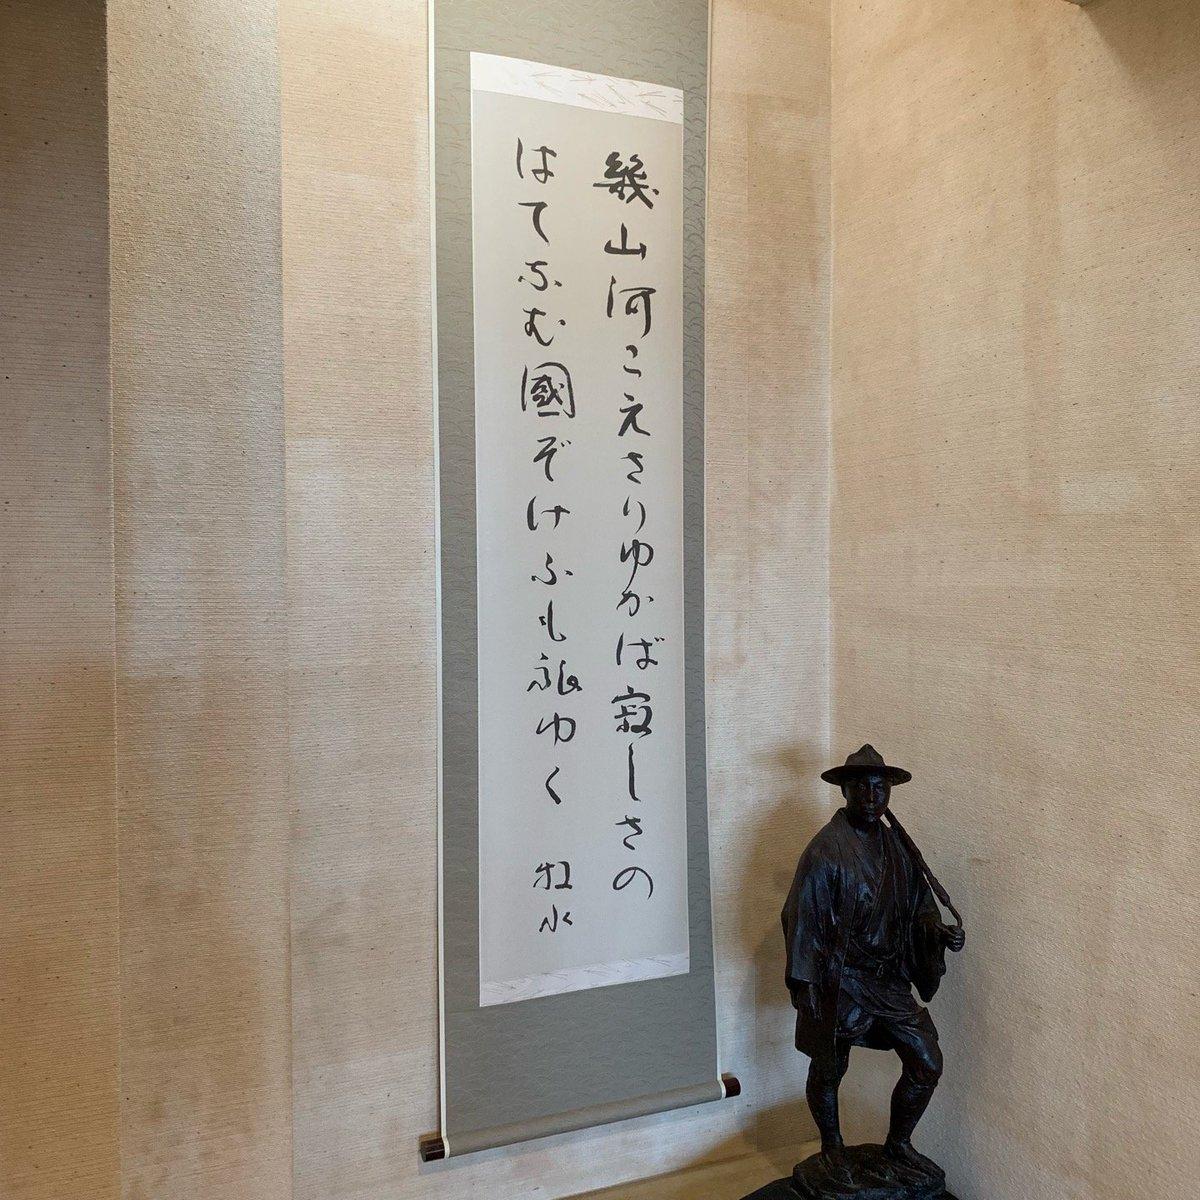 沼津市若山牧水記念館(3)幾山河こえさりゆかば寂しさのはてなむ國ぞけふも旅ゆく 牧水